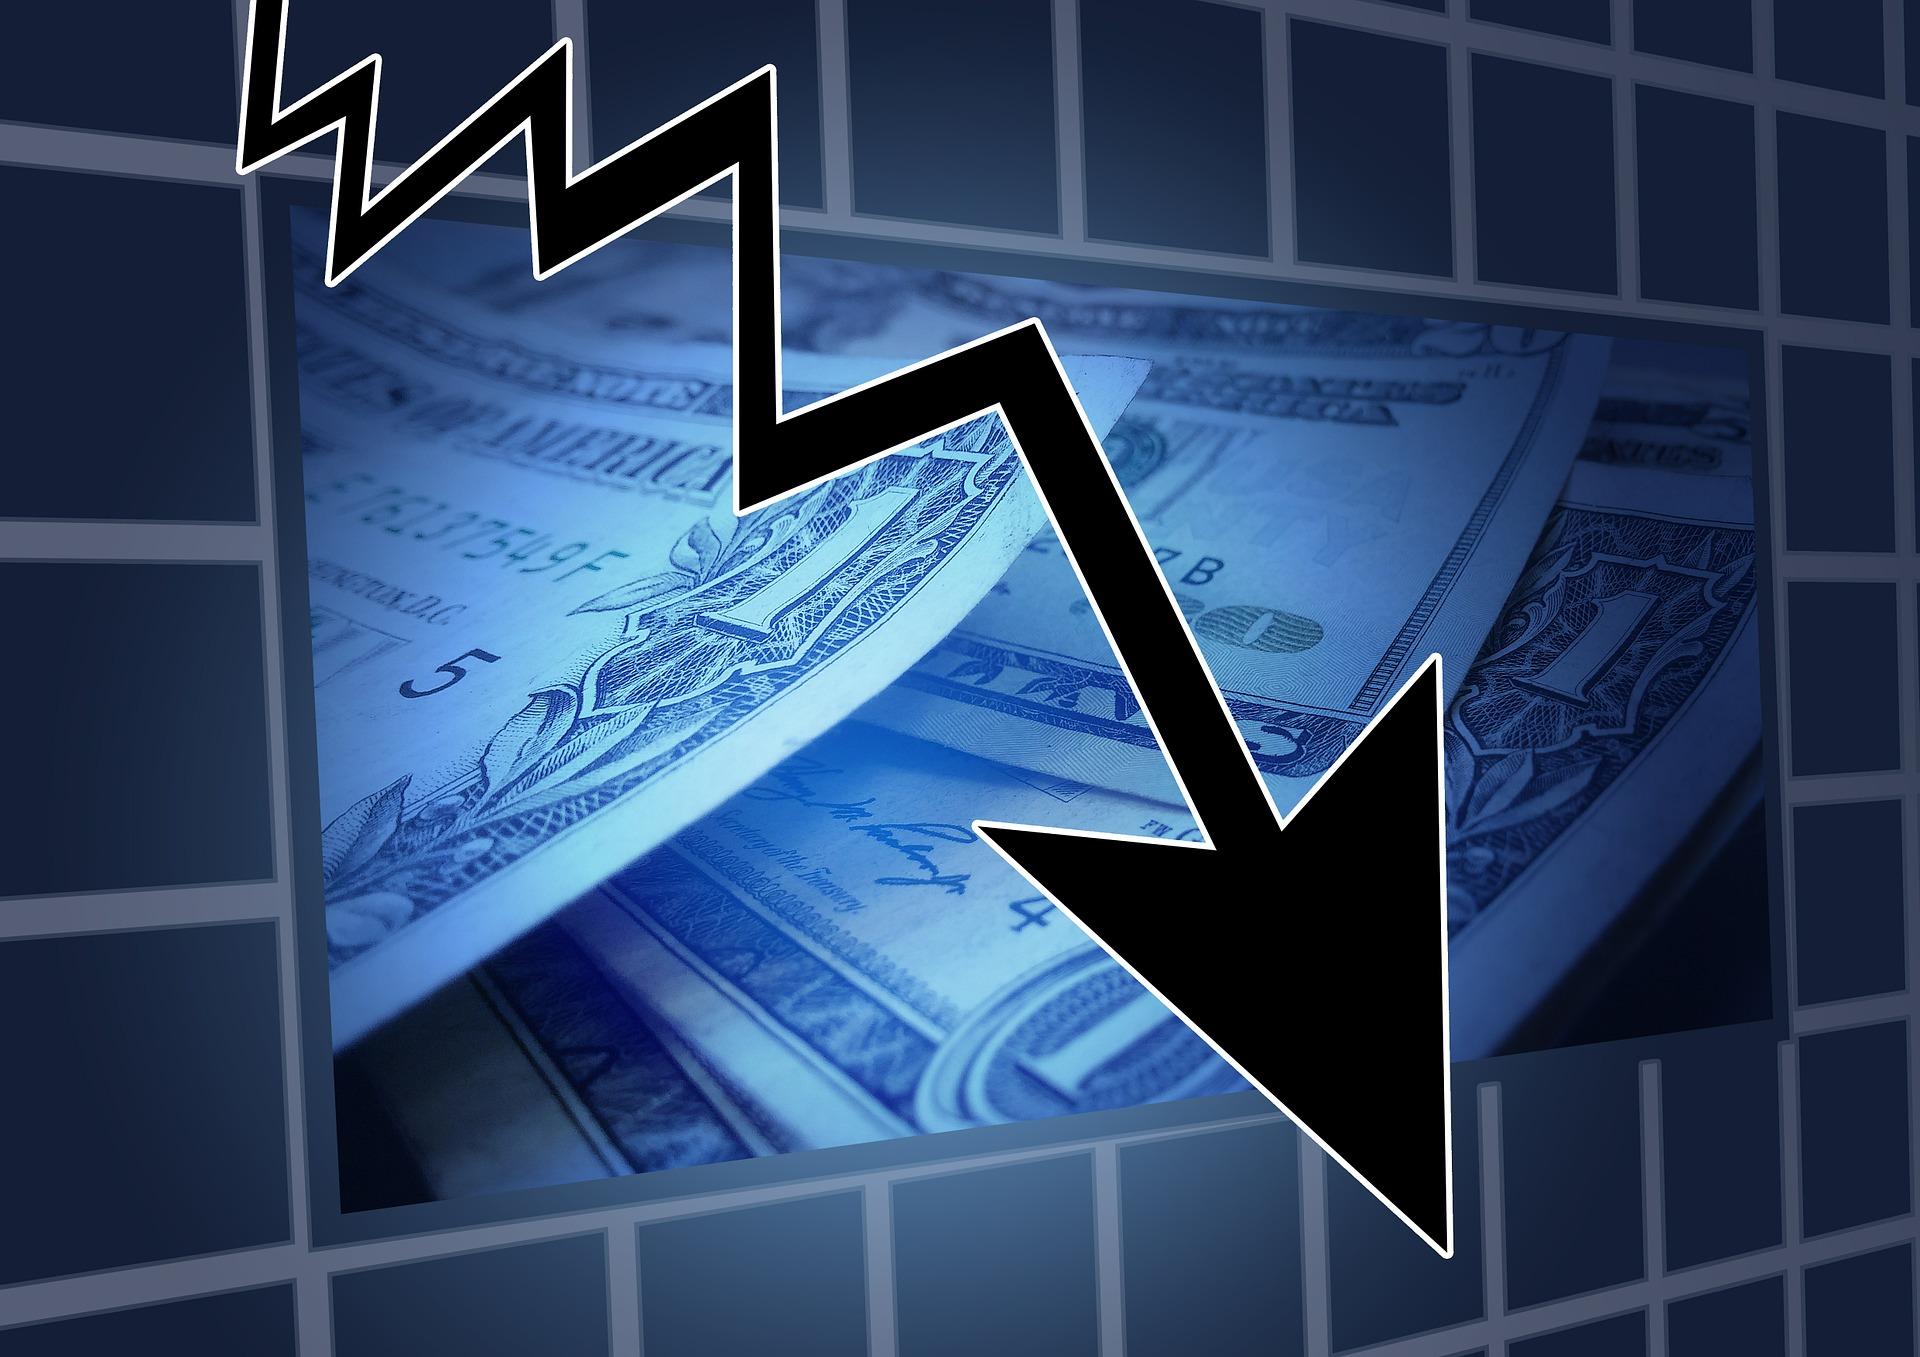 Szkolenia sprzedażowe dla bankowców – co powinny zawierać?